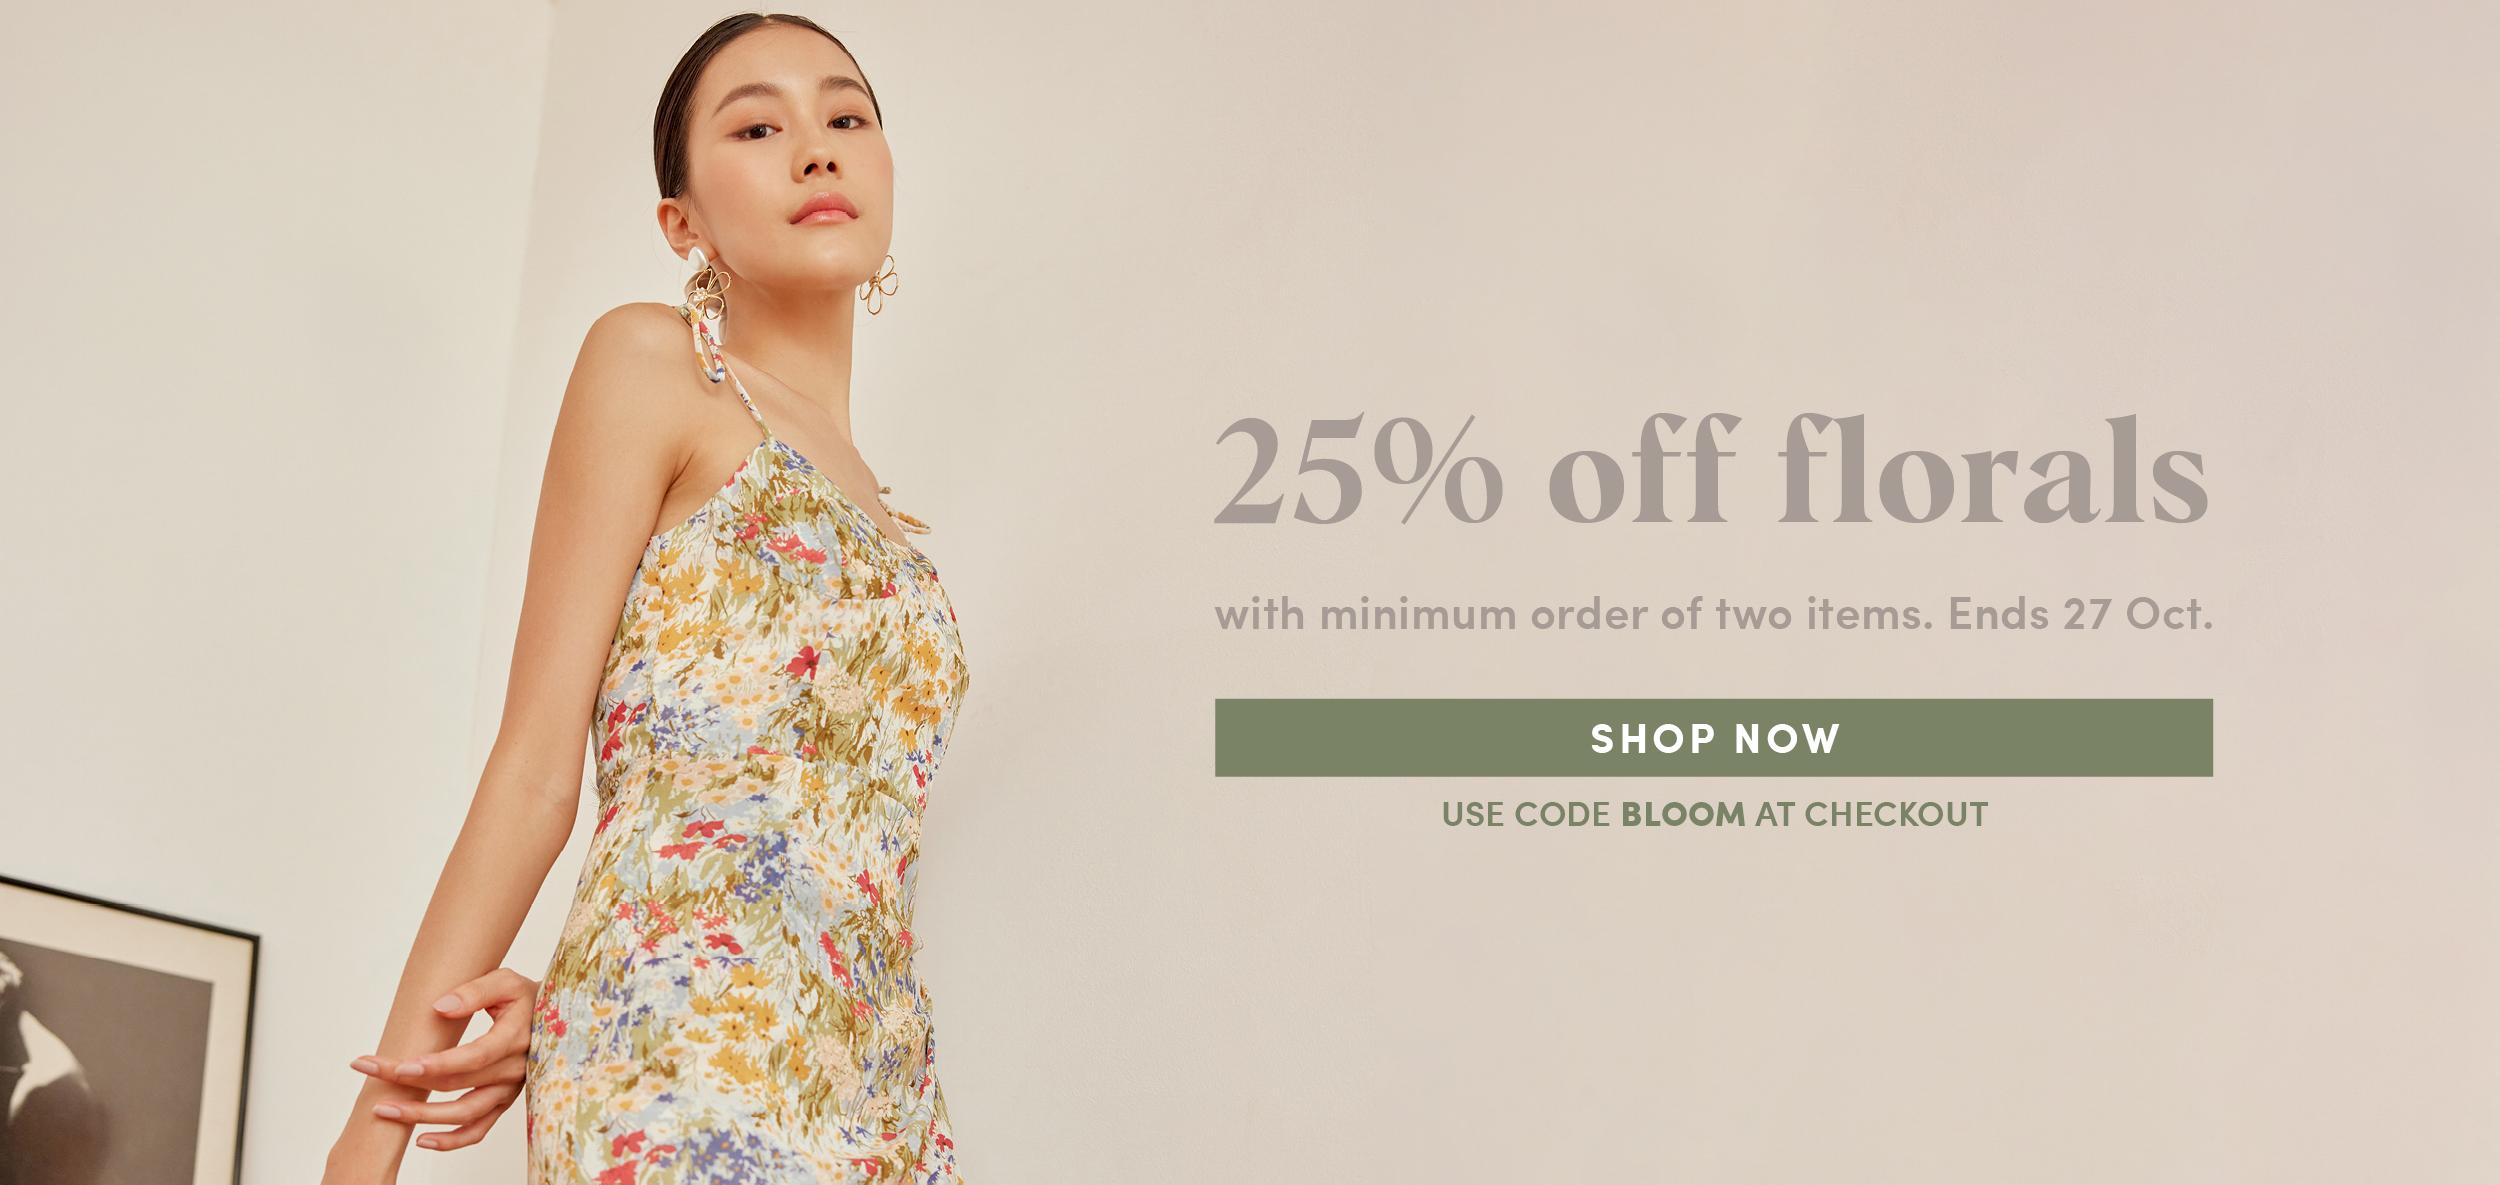 25% Off Florals